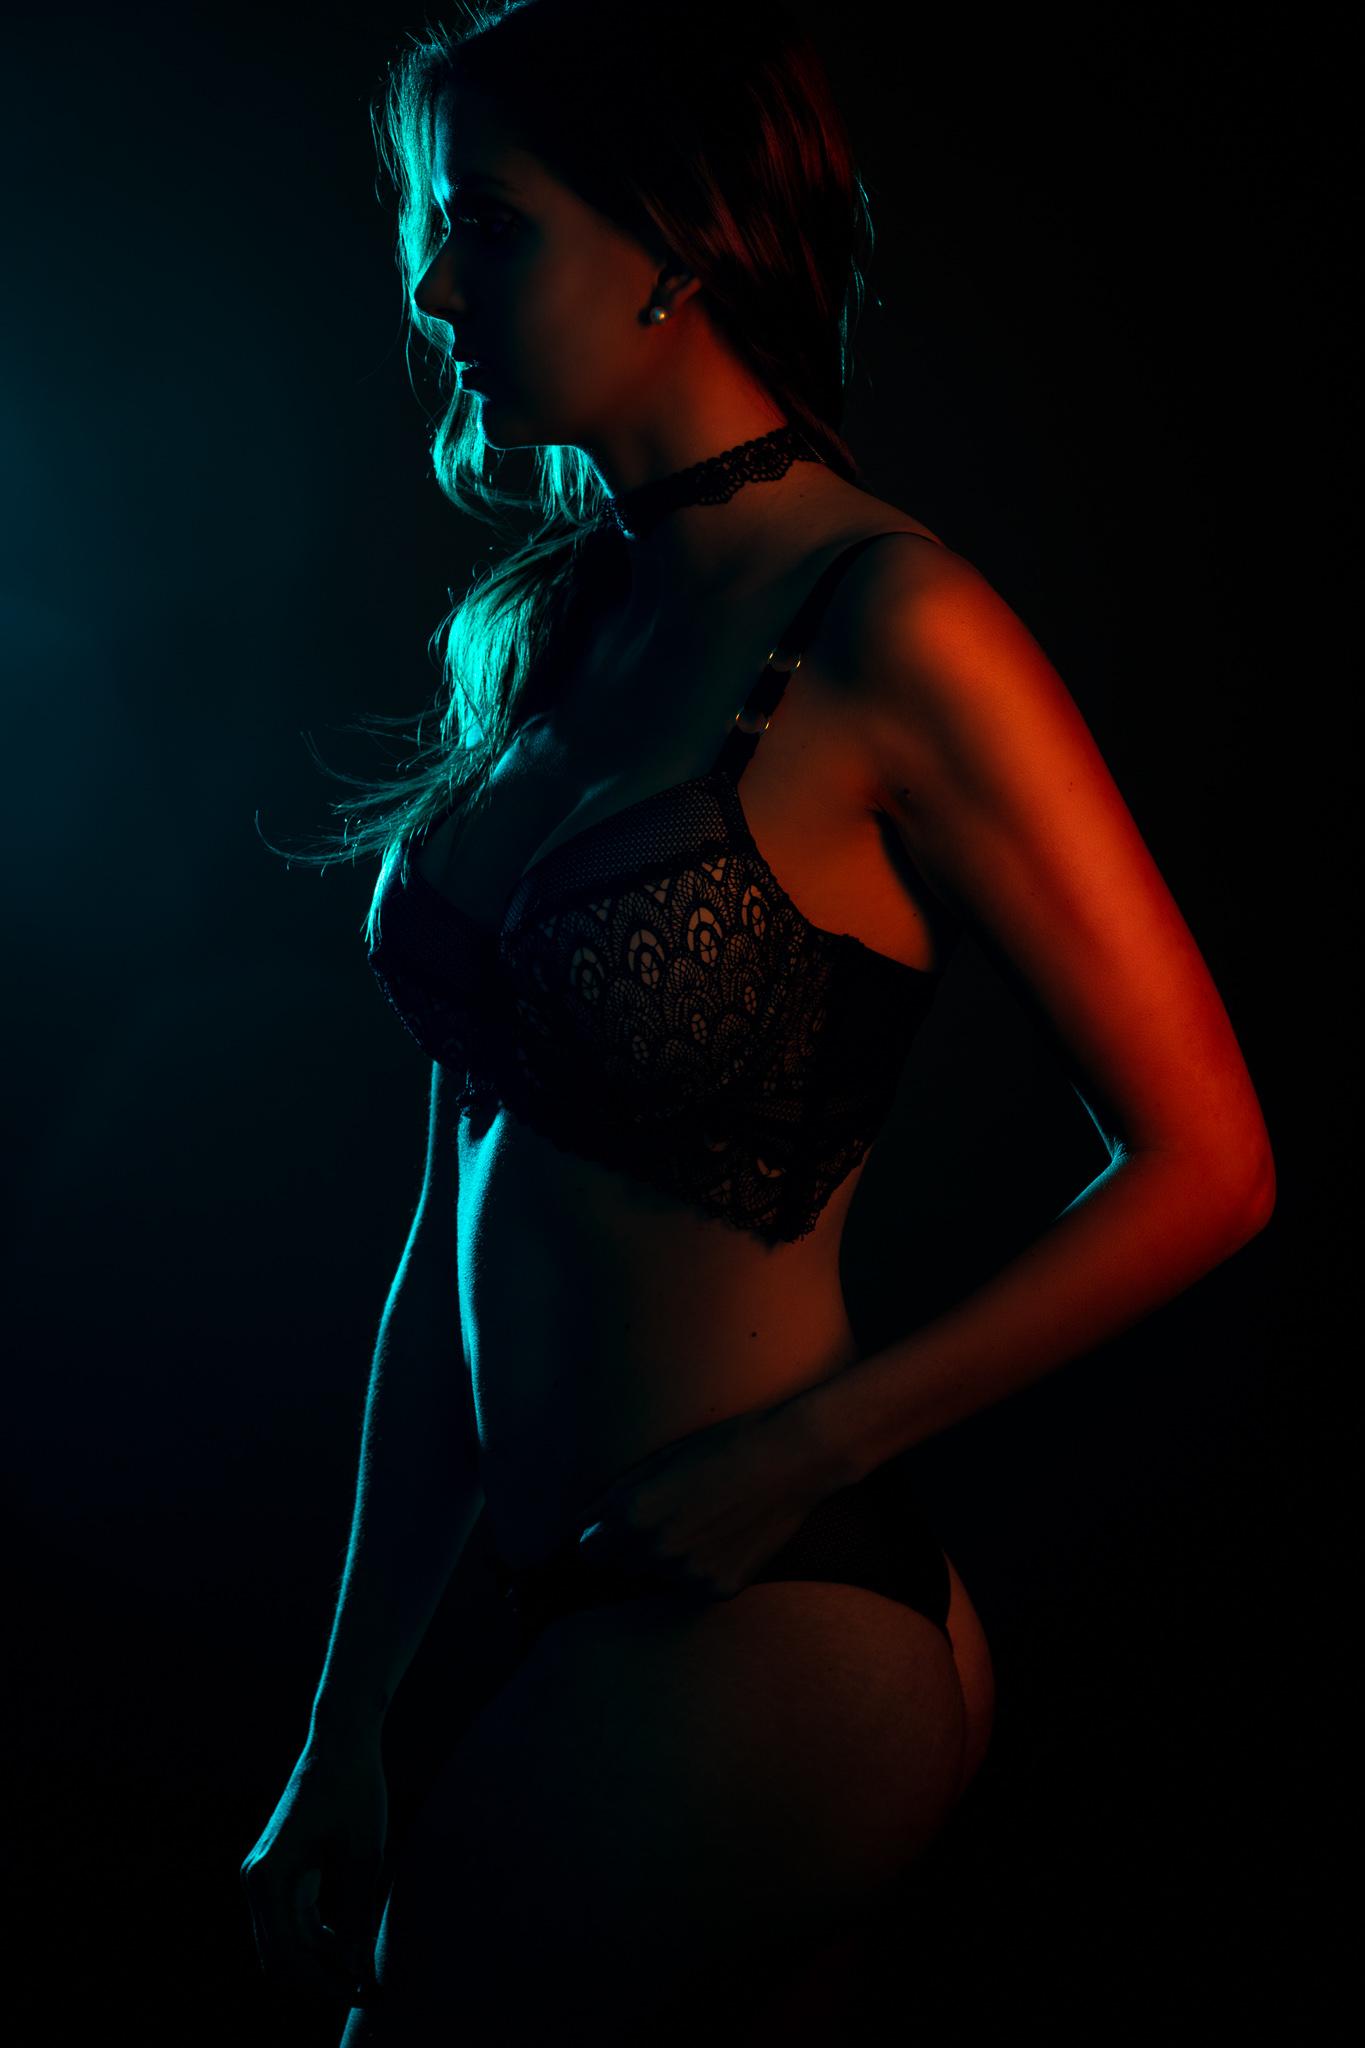 Model Magalie in some Edge Lighting